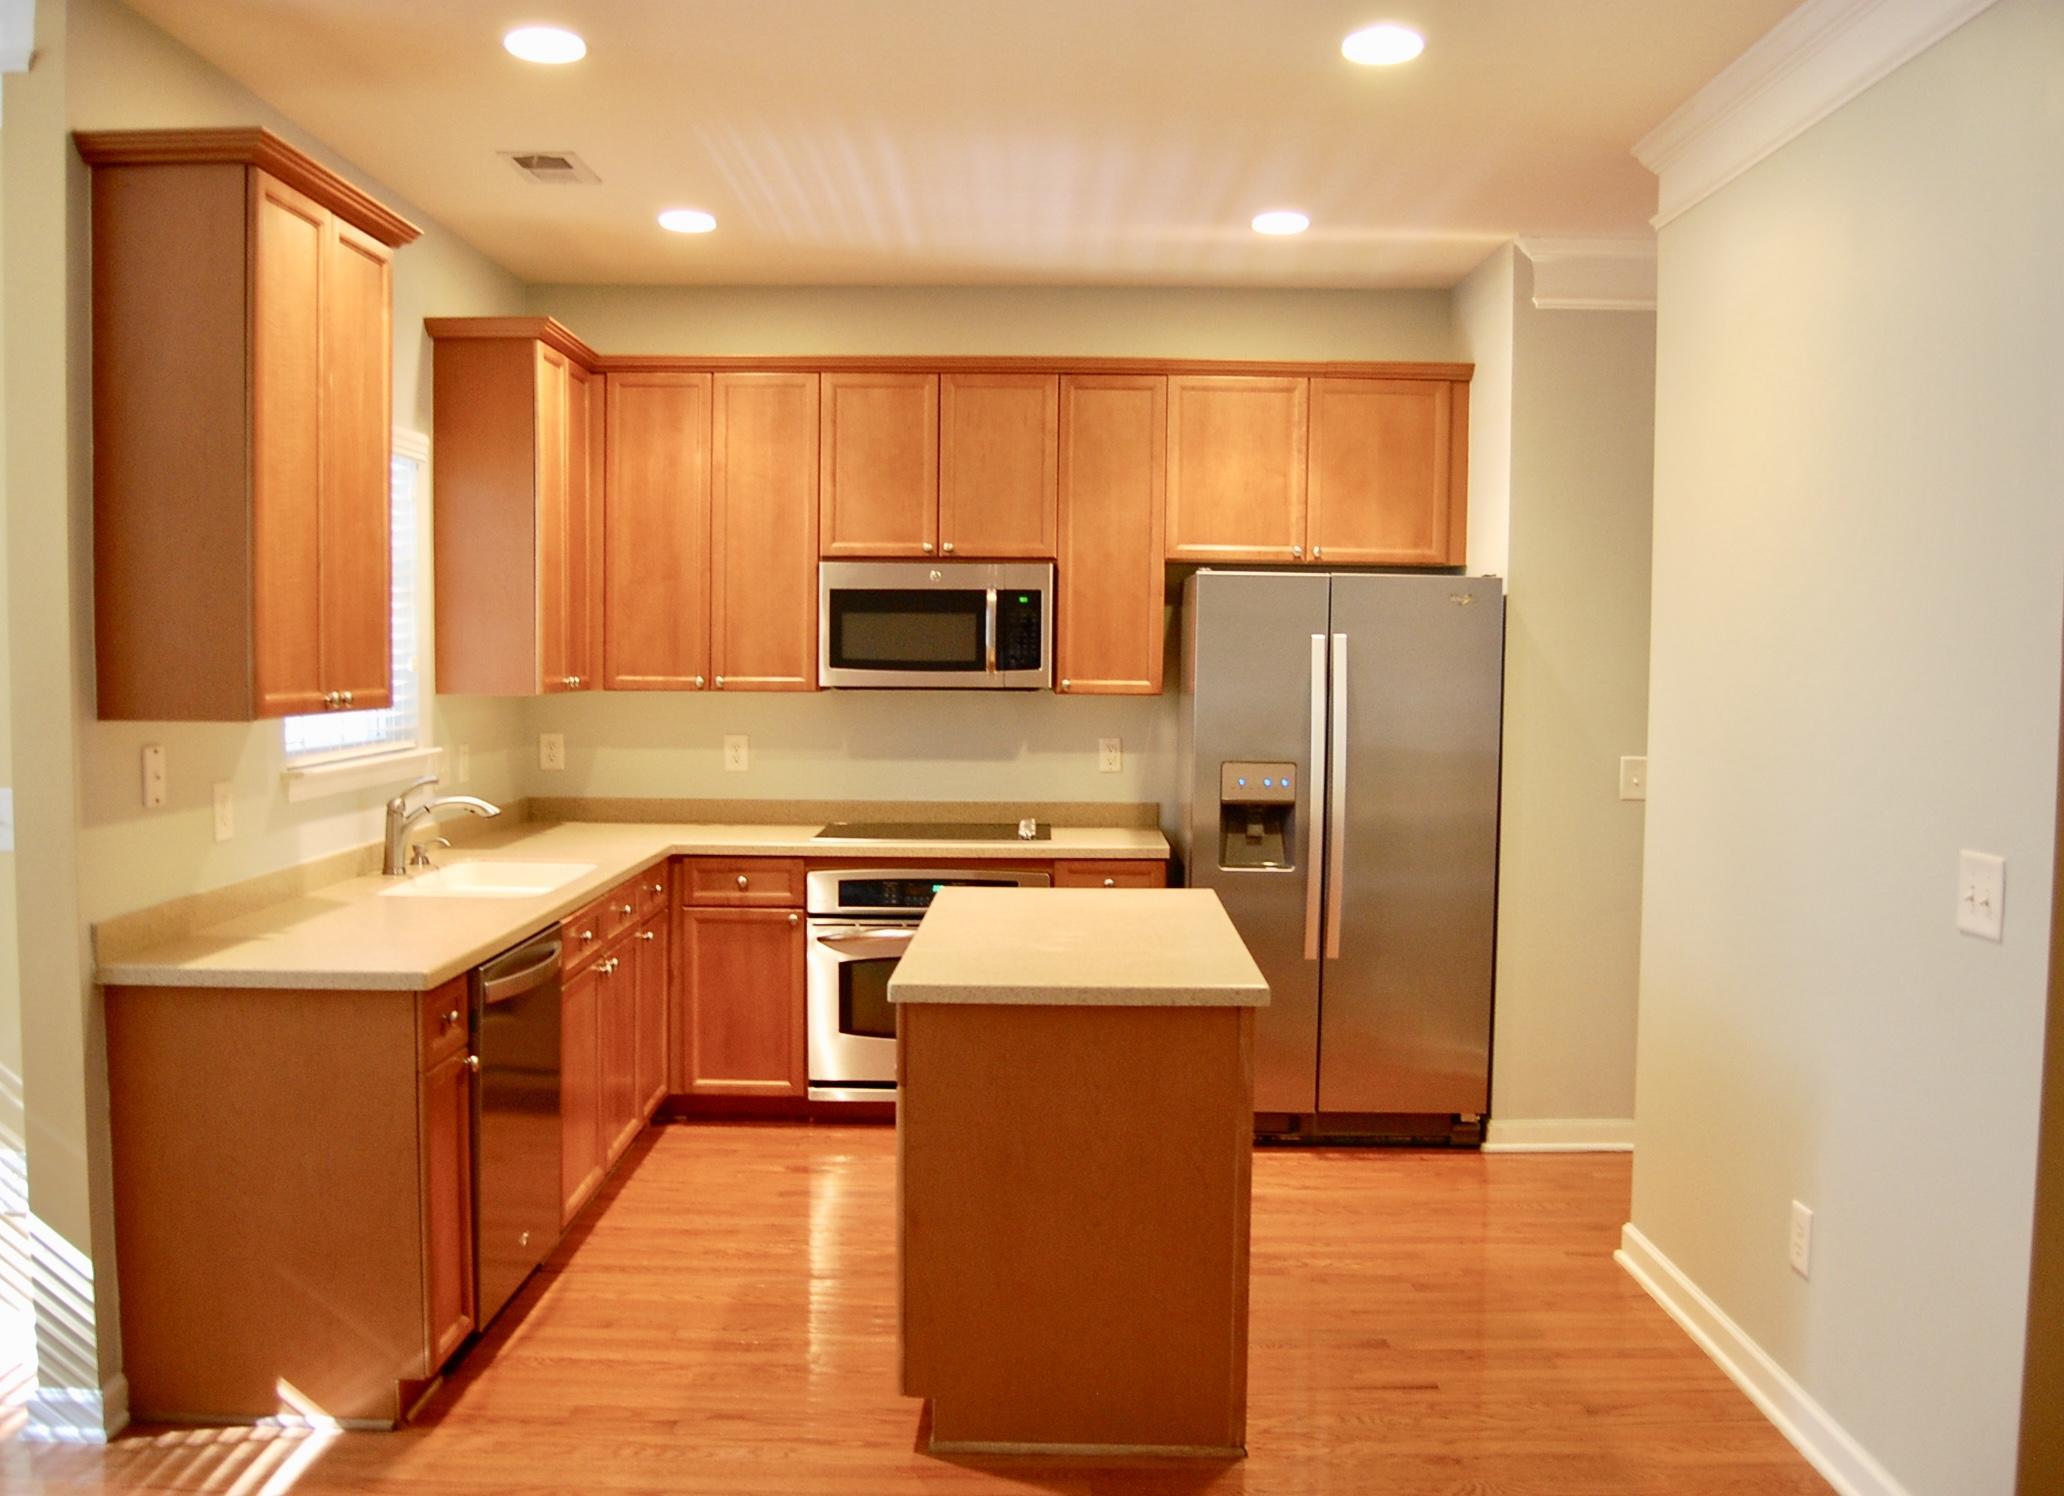 Park West Homes For Sale - 3529 Claremont, Mount Pleasant, SC - 5